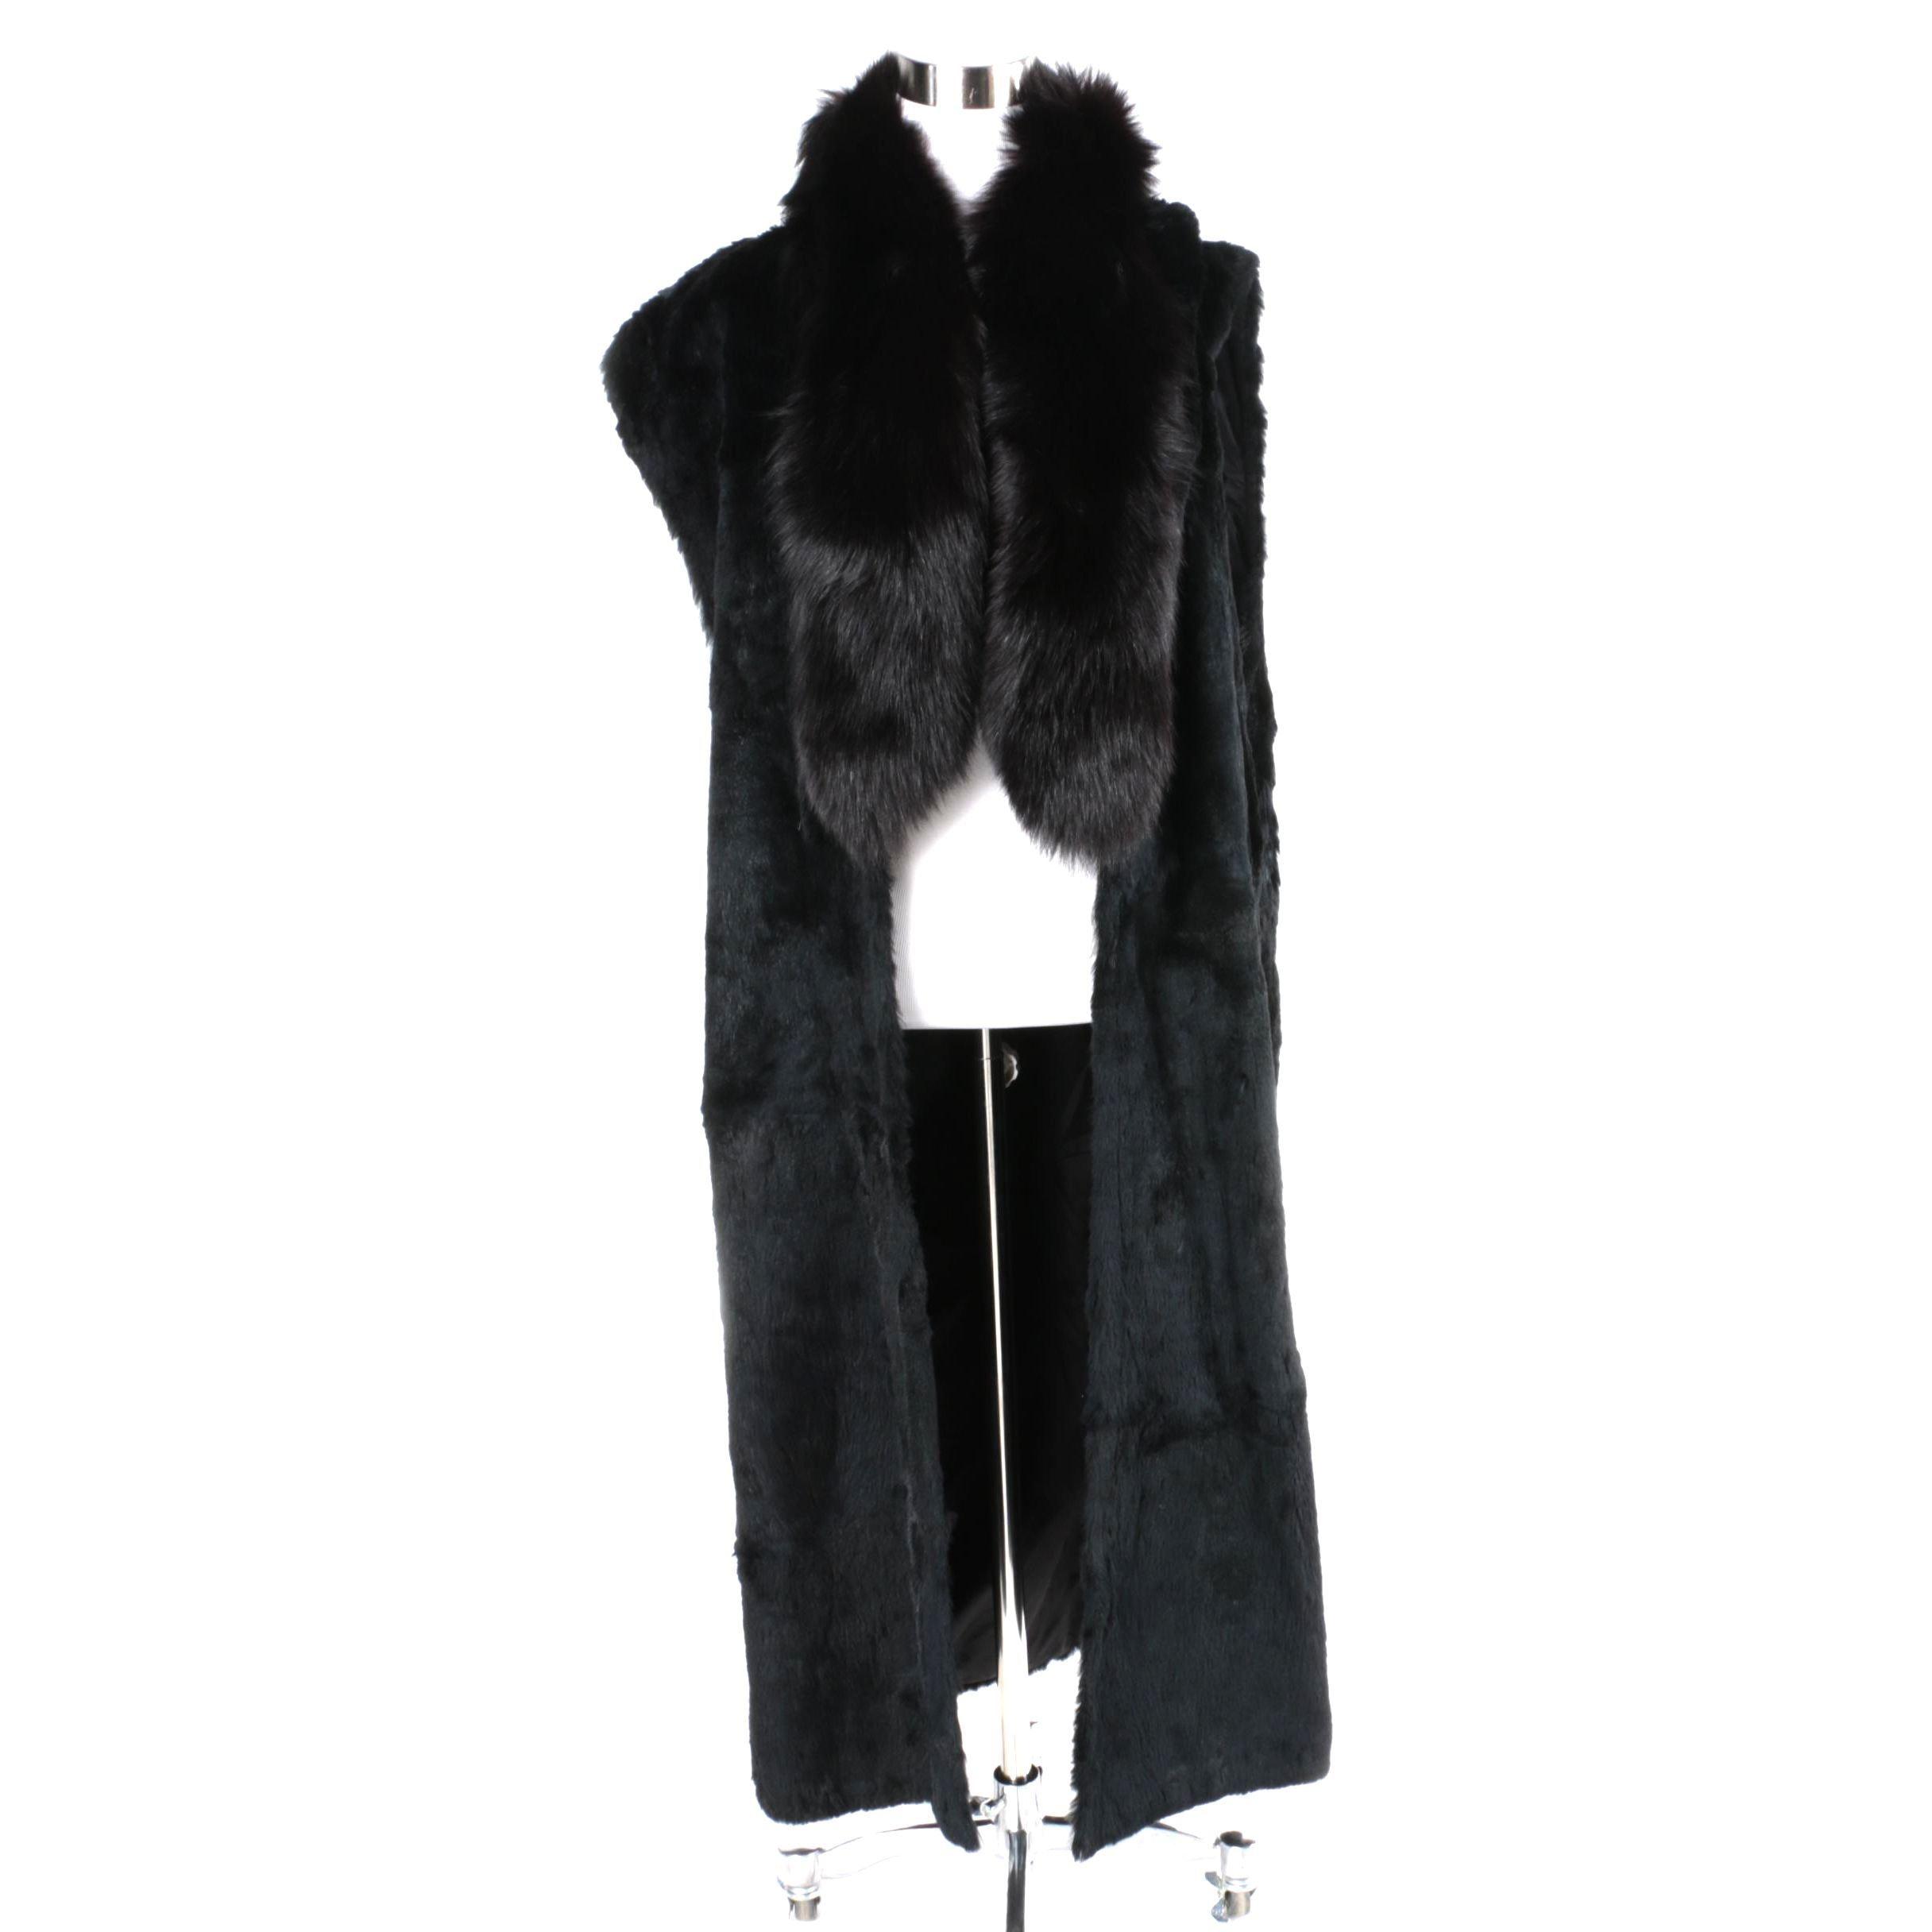 Sheared Beaver Fur Coat Liner with Fox Fur Collar